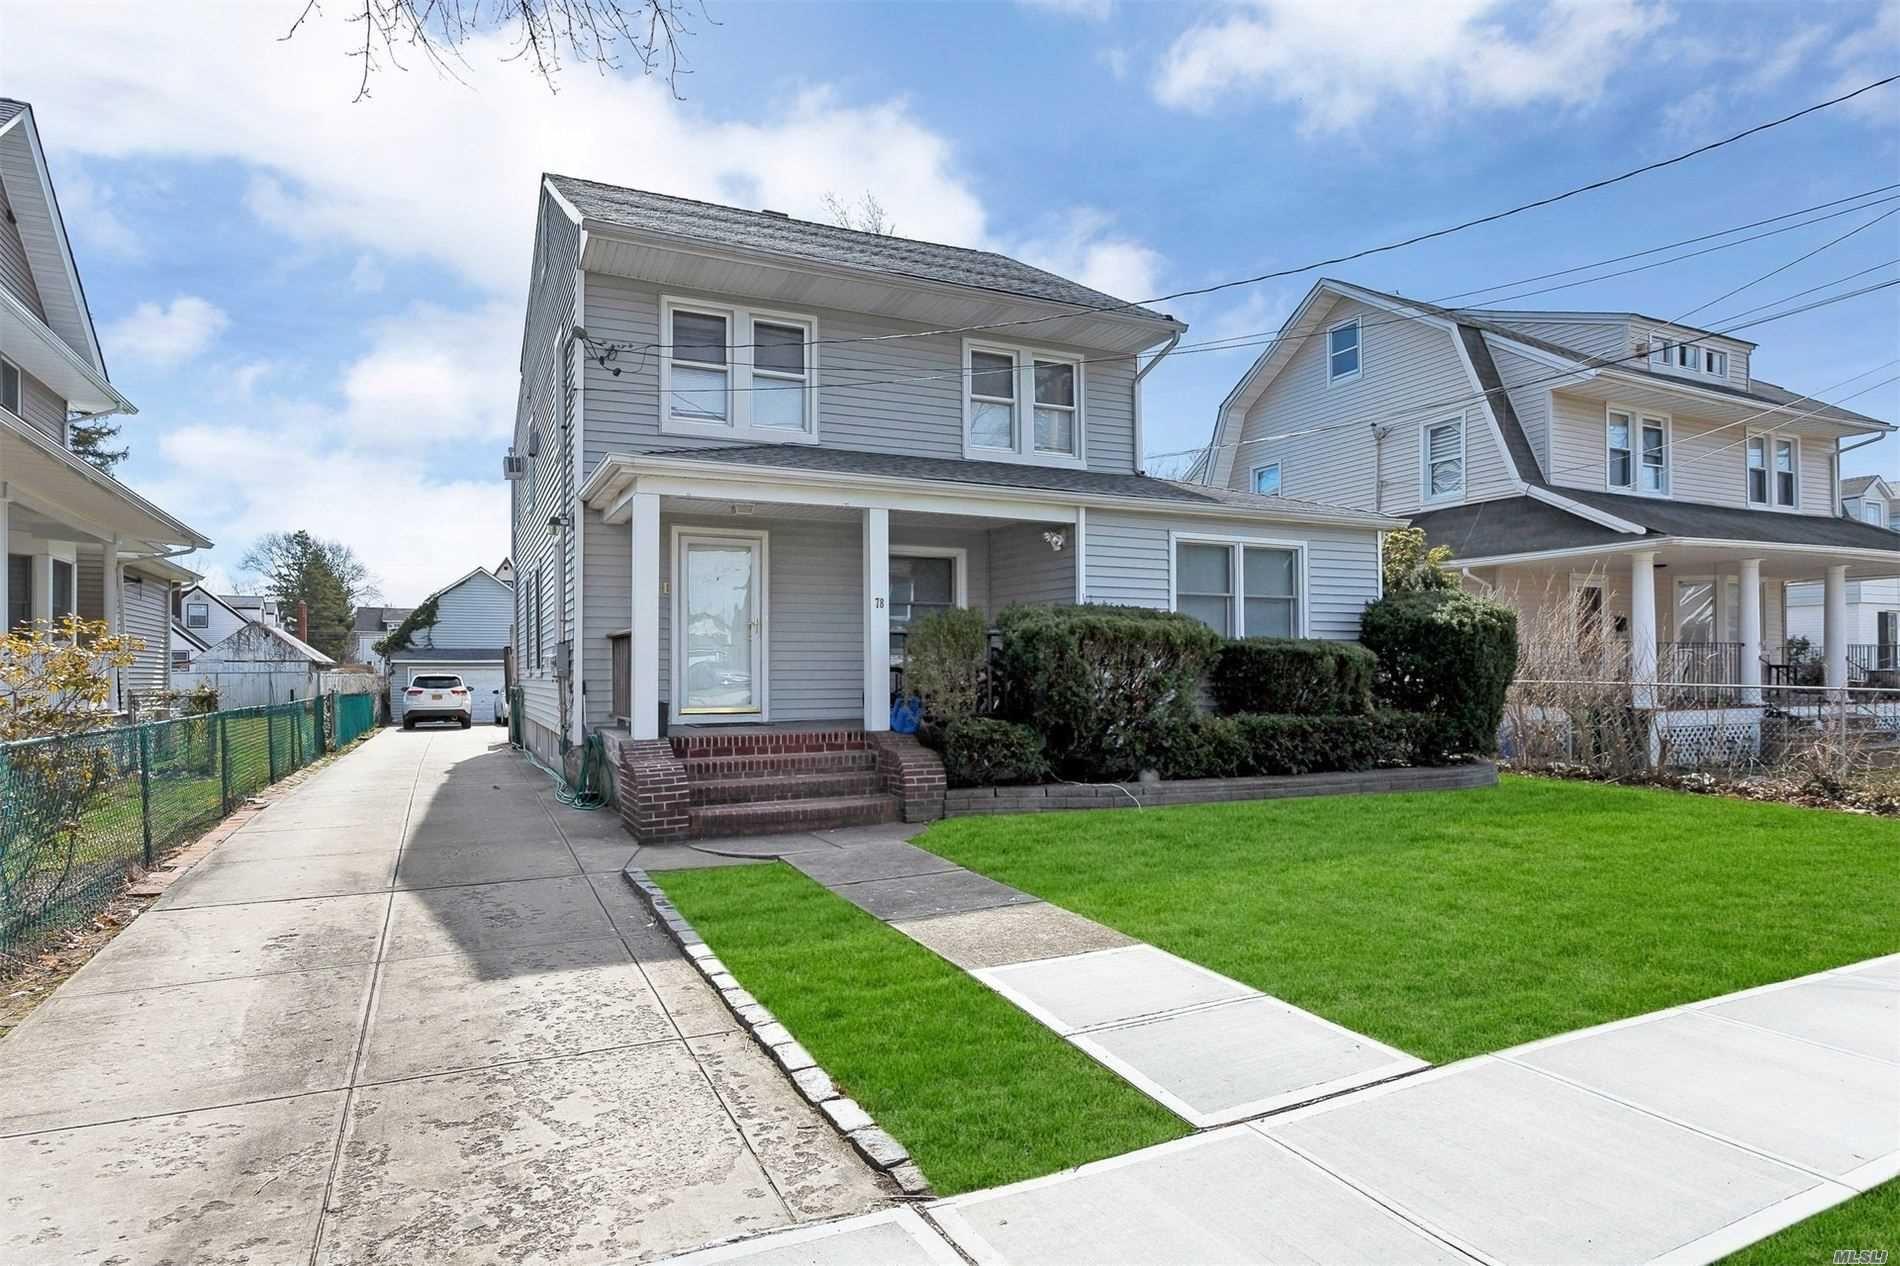 78 Catherine Street #1st Fl, Valley Stream, NY 11581 - MLS#: 3247770